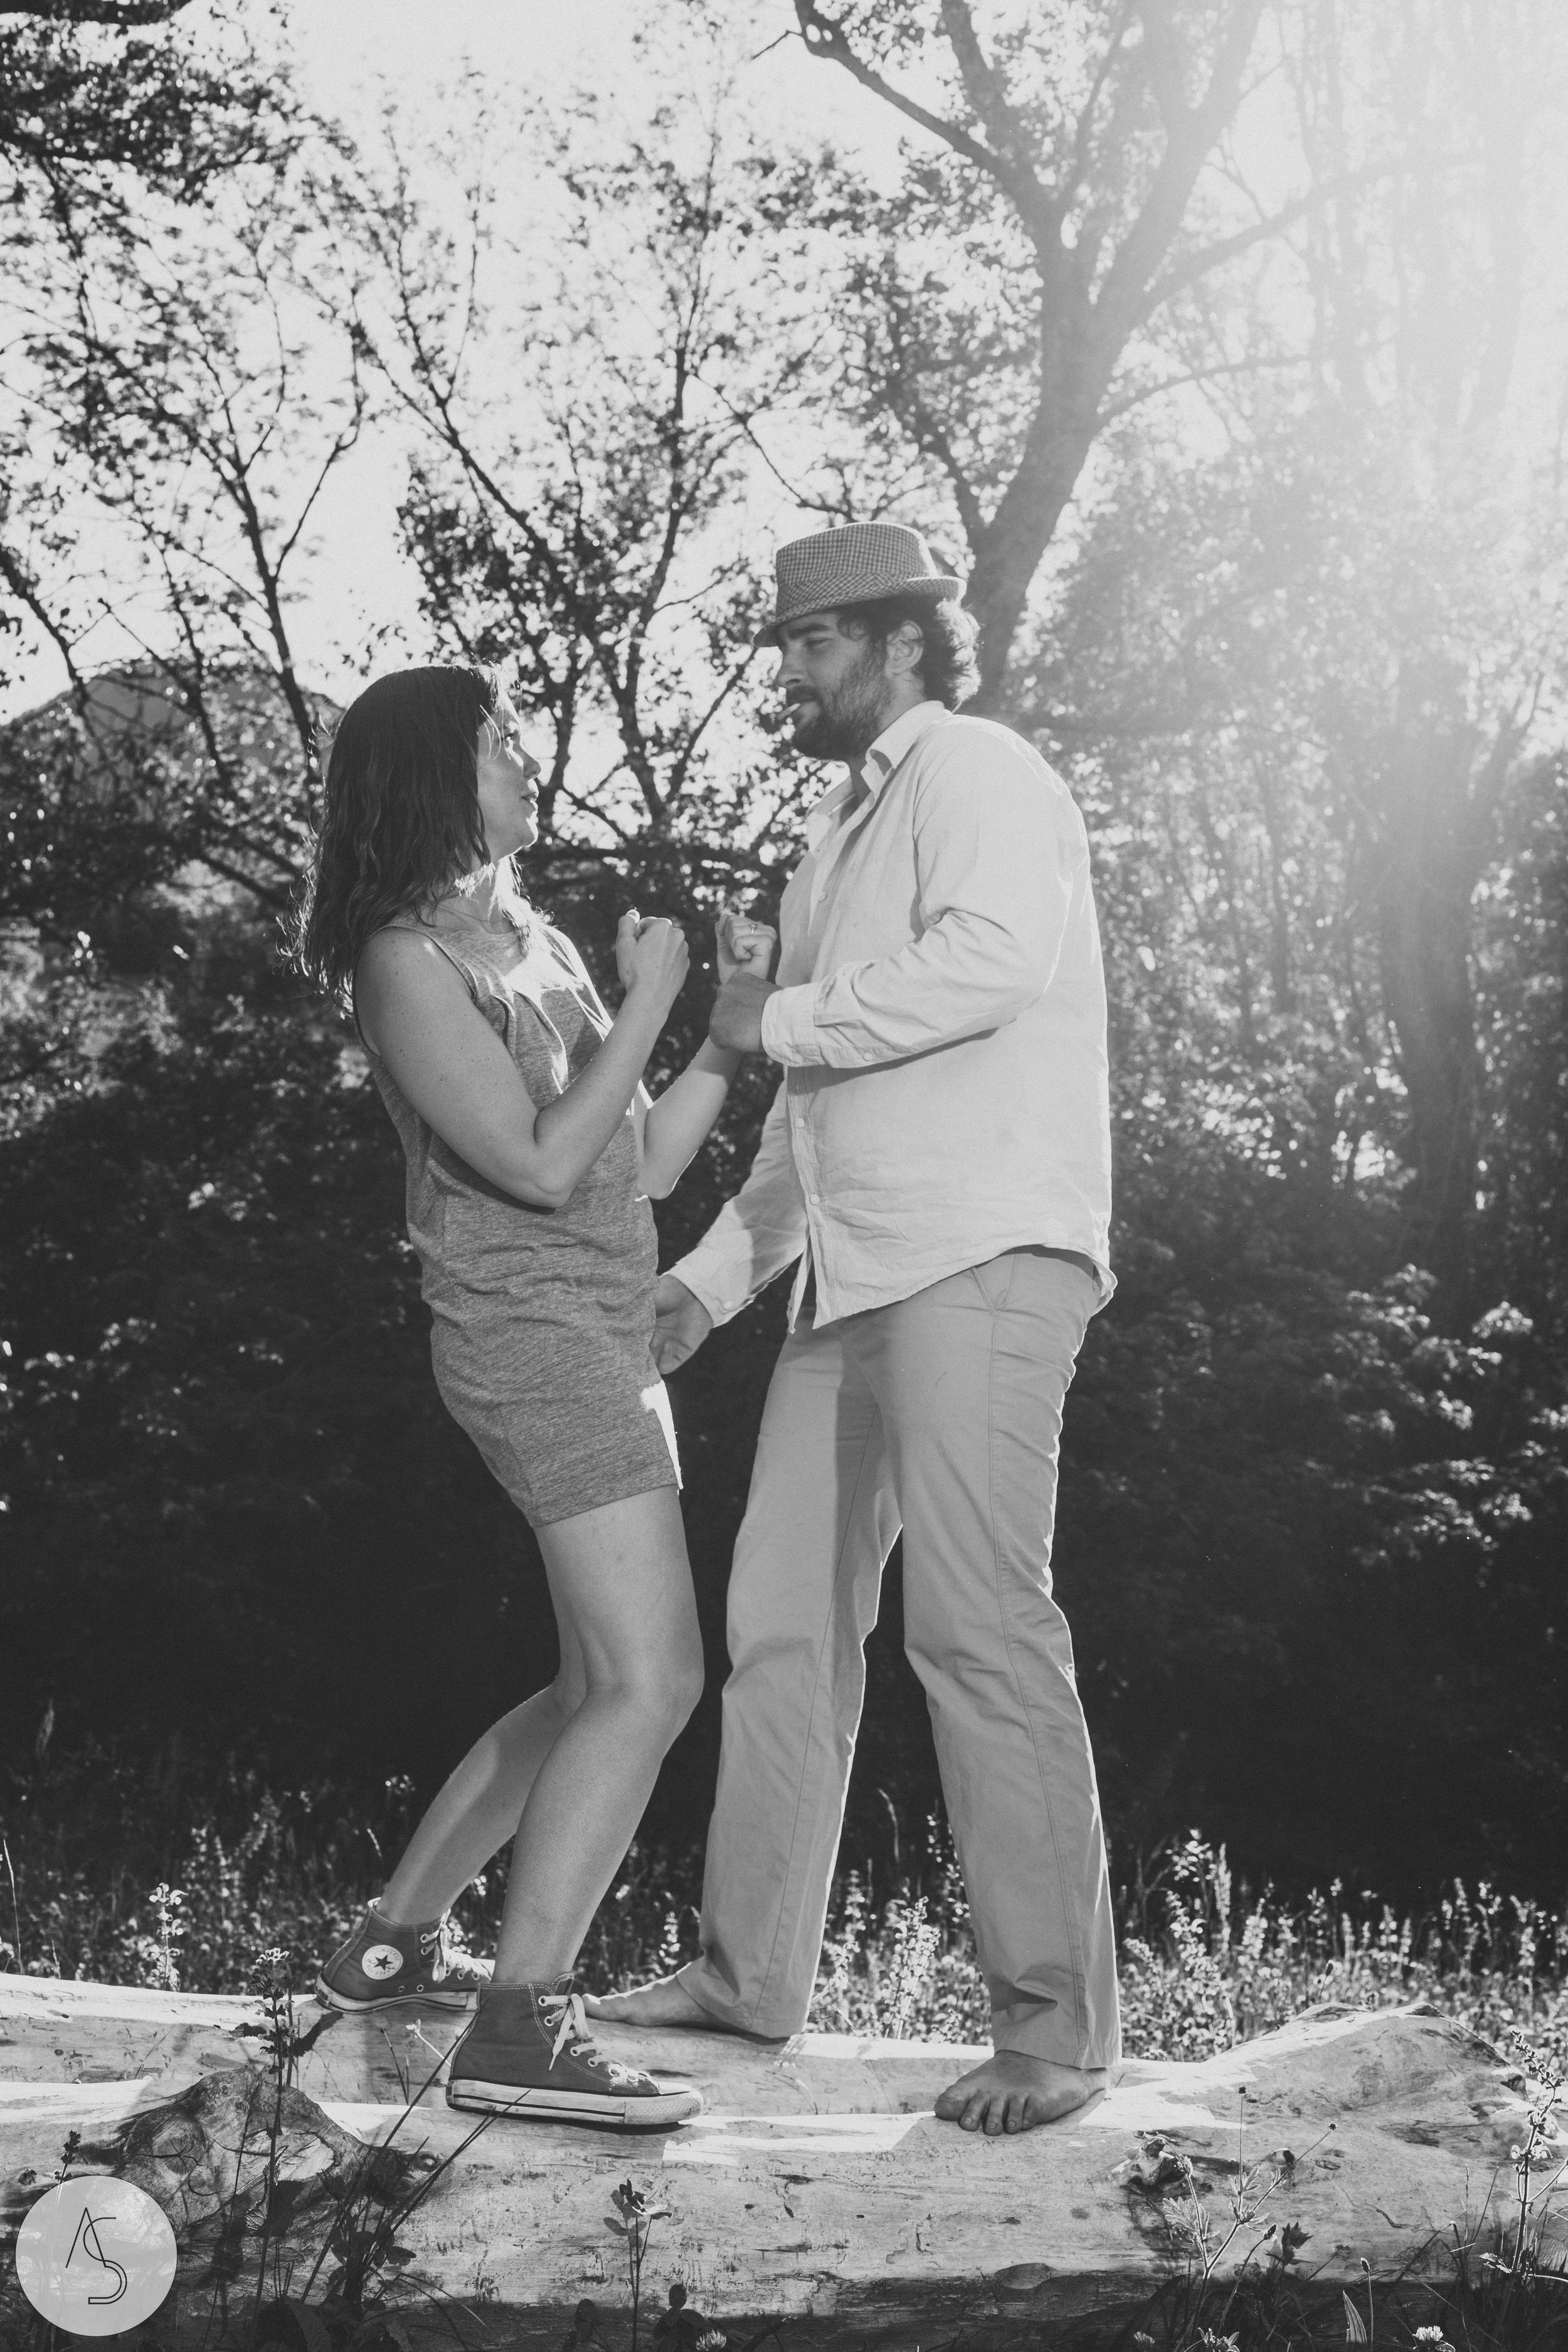 Séance engagement - La Drôme - Lifestyle_ Photographe couple23.jpg